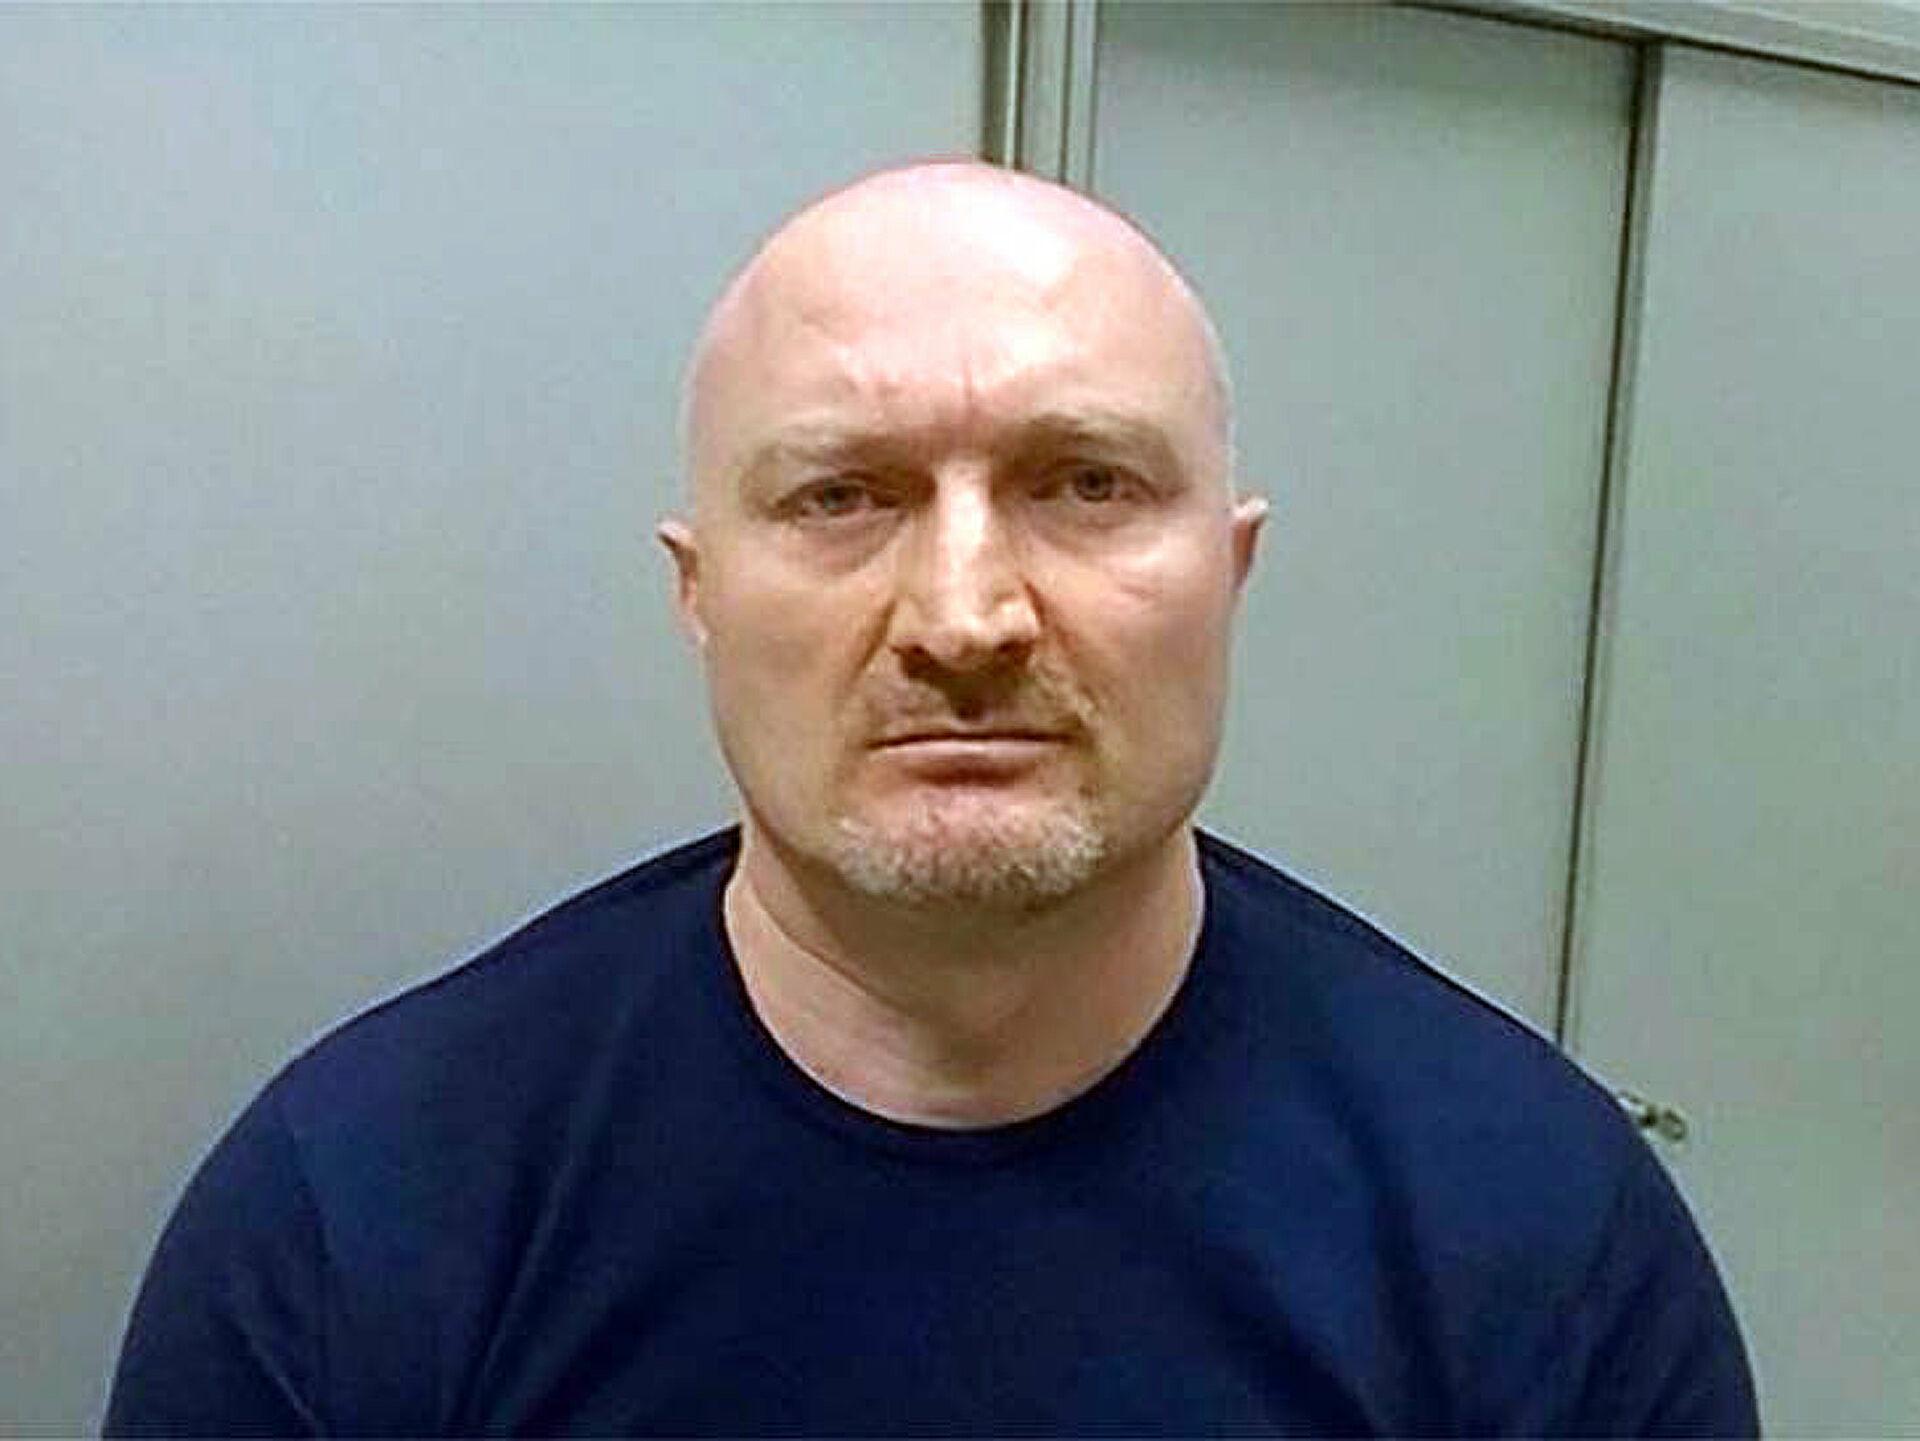 Верховный суд отложил решение по делу главаря банды киллеров Гагиева